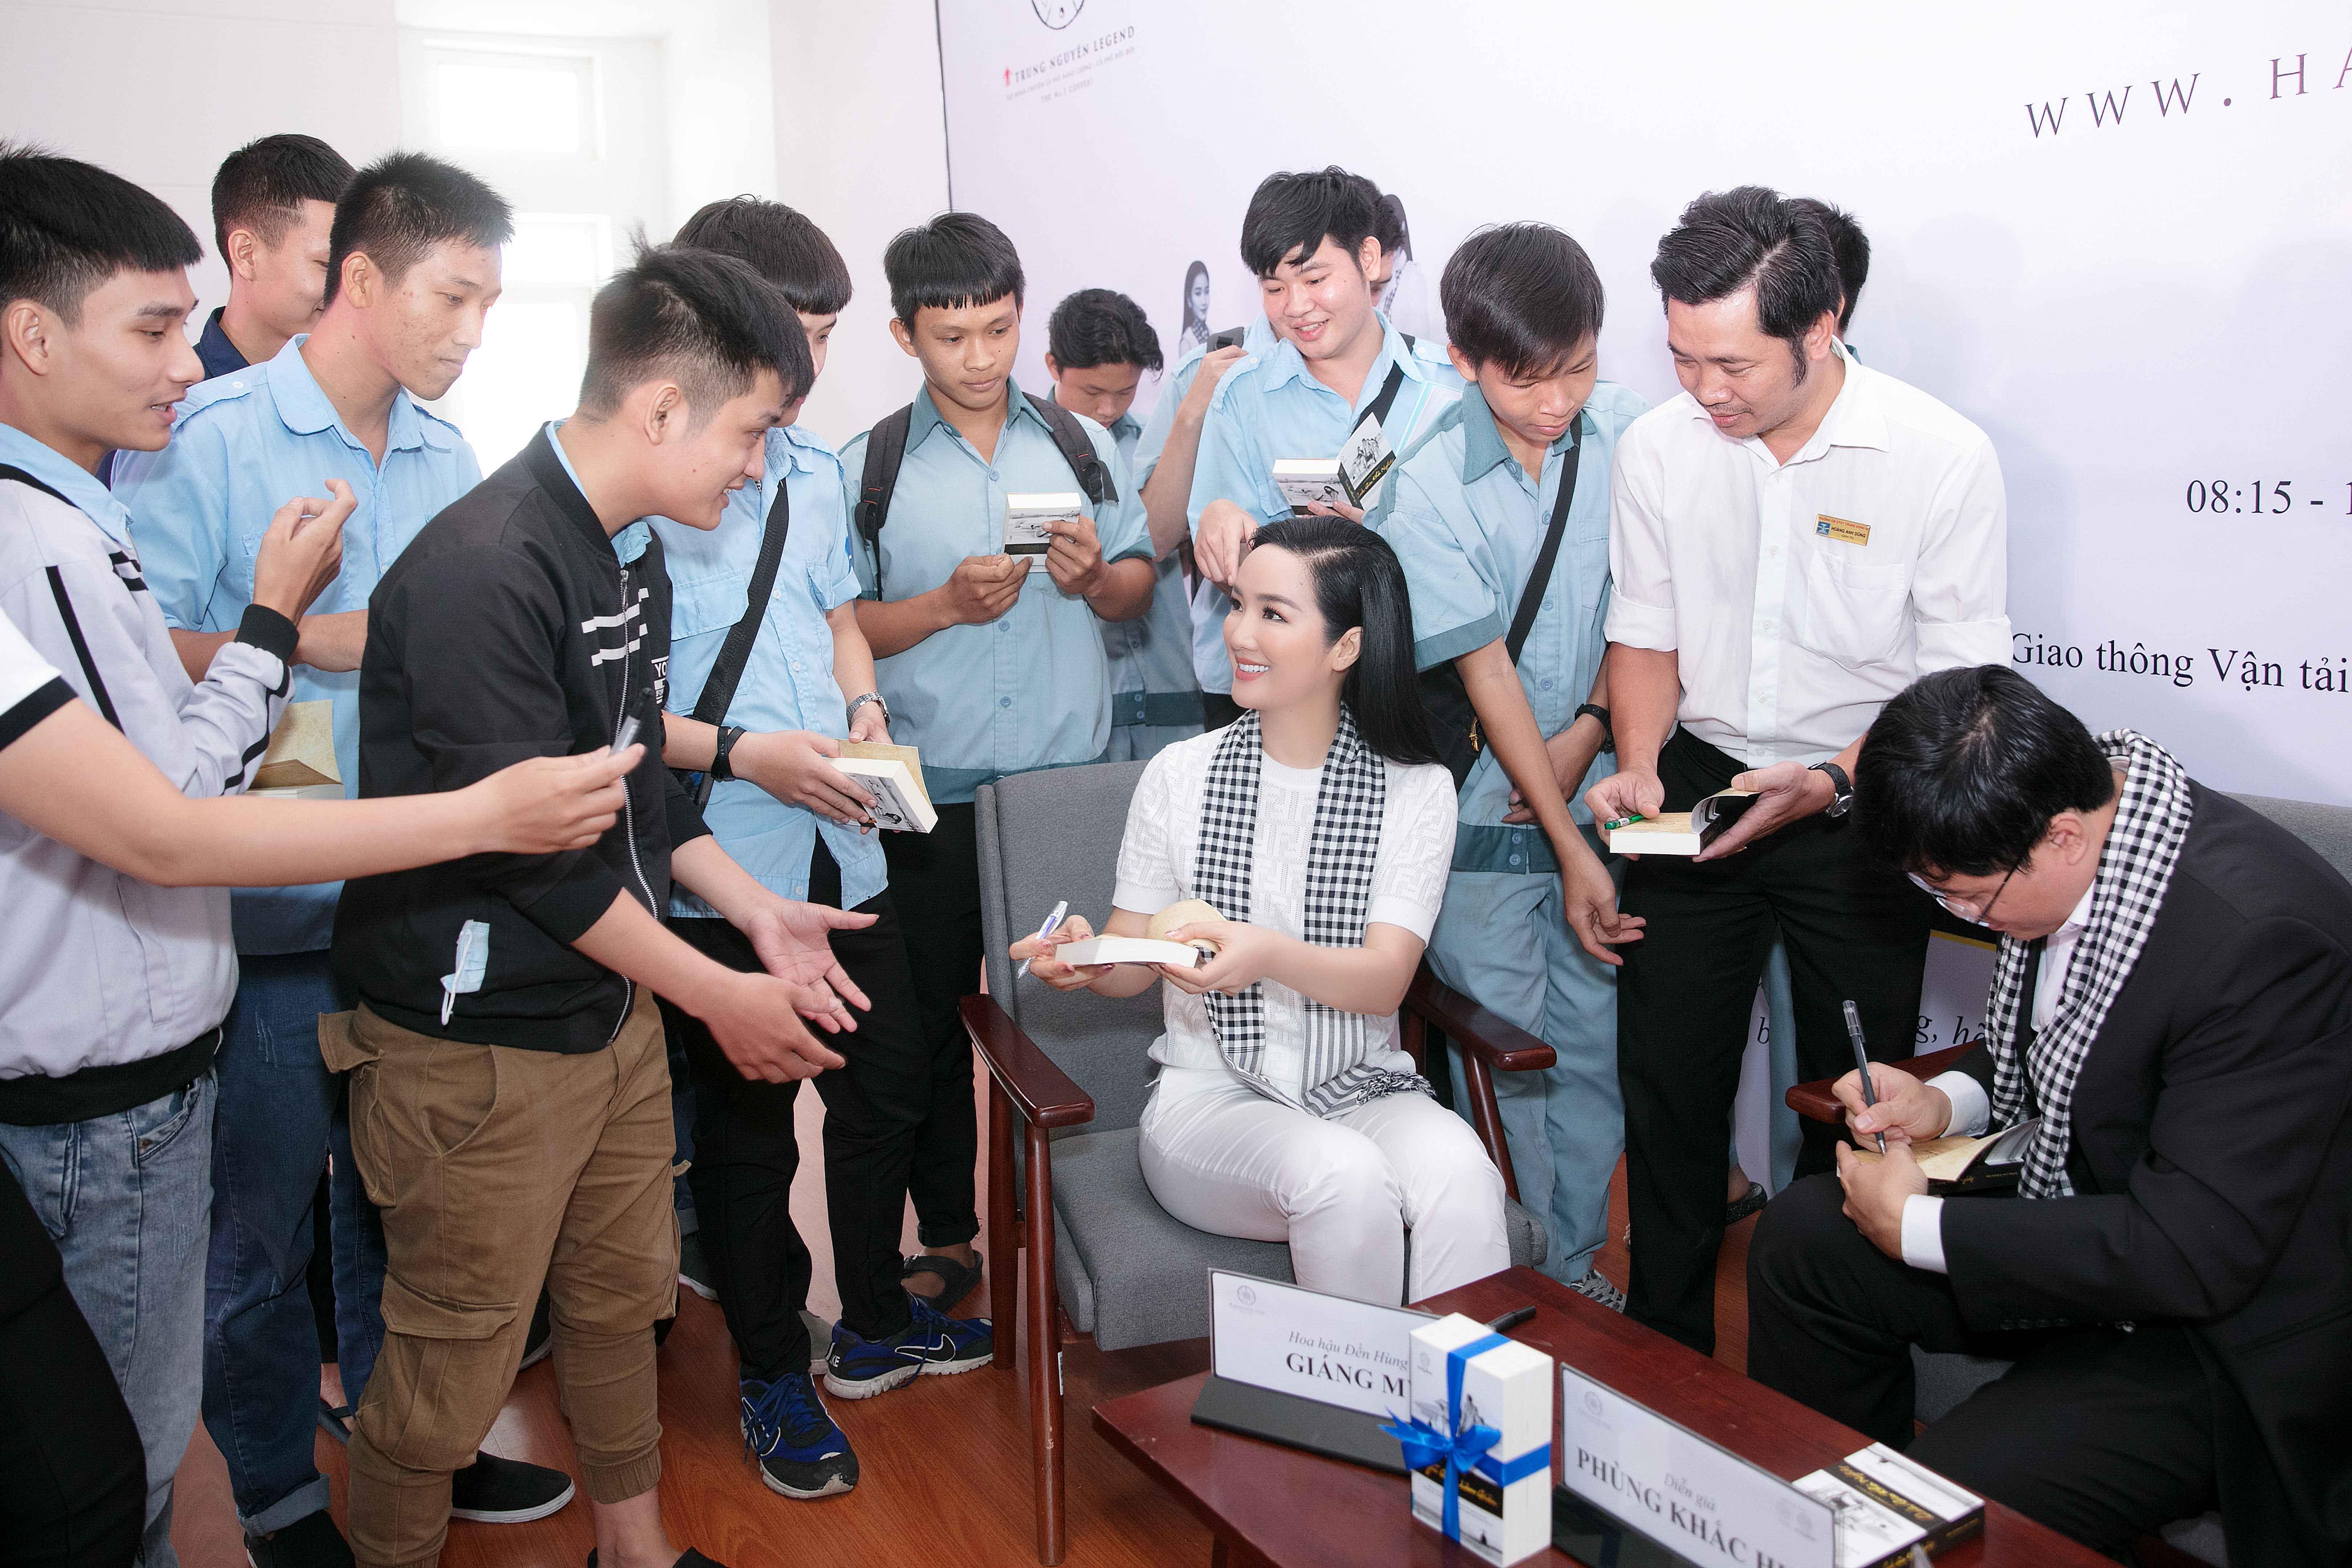 Siêu xe của vua cafe Đặng Lê Nguyên đưa 'mỹ nhân không tuổi' Giáng My đi sự kiện 6